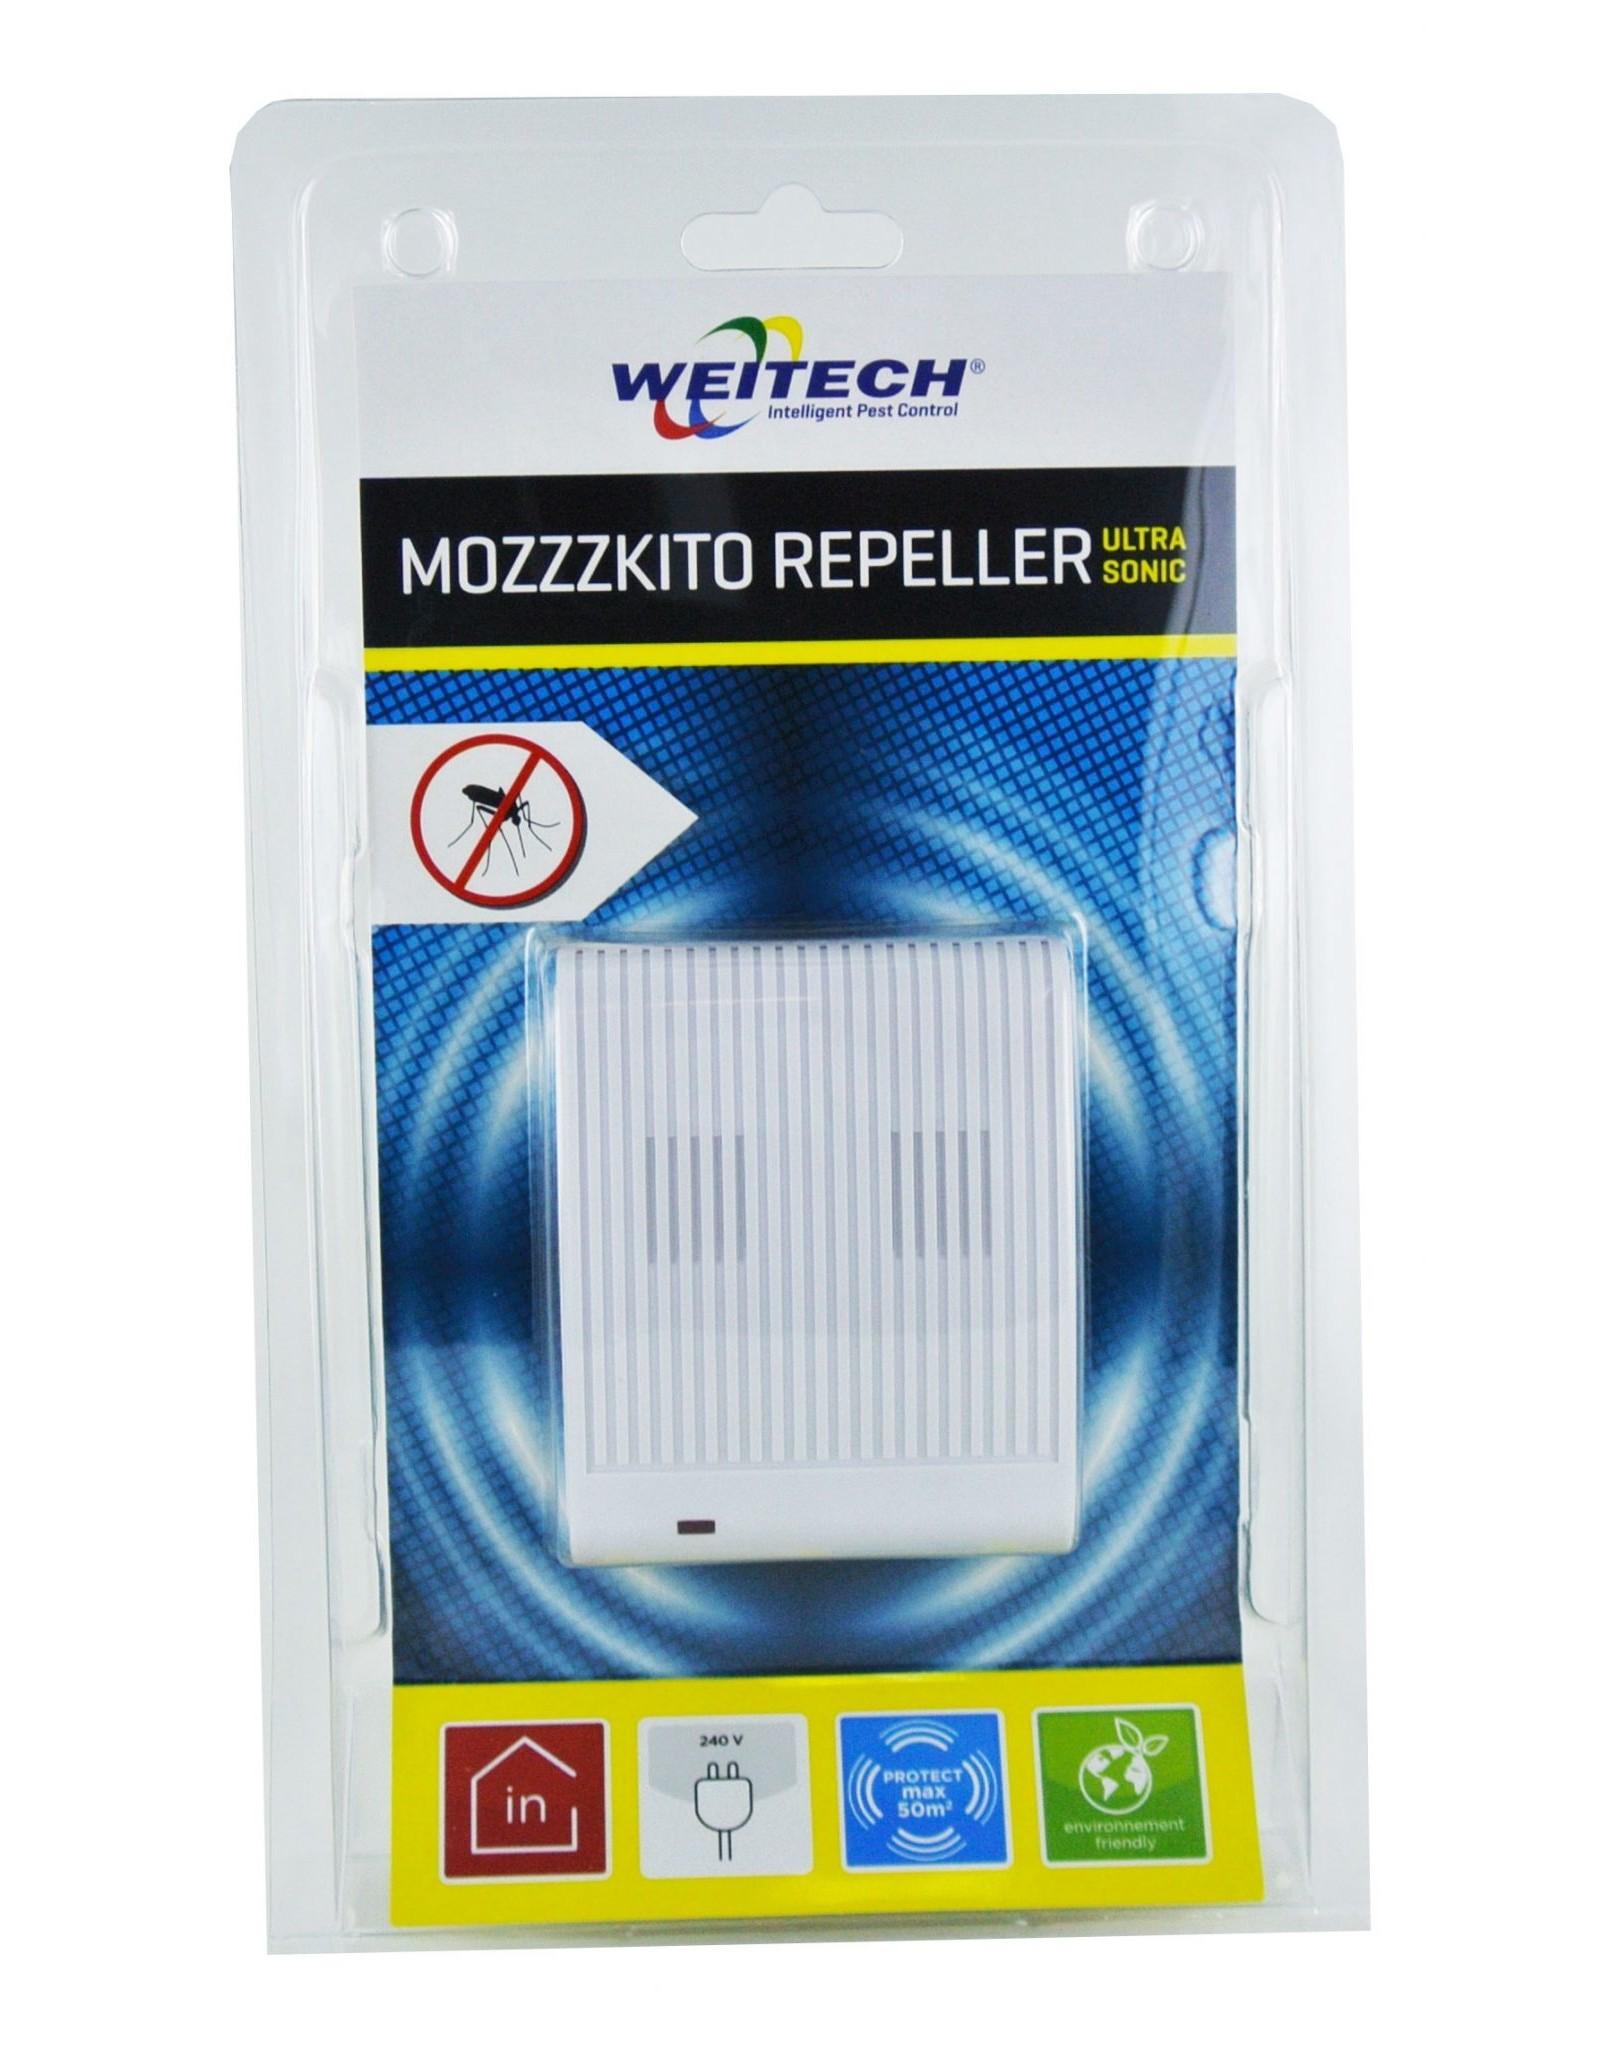 Weitech Mozzzkito Muggenverjager op lichtnet WK0028